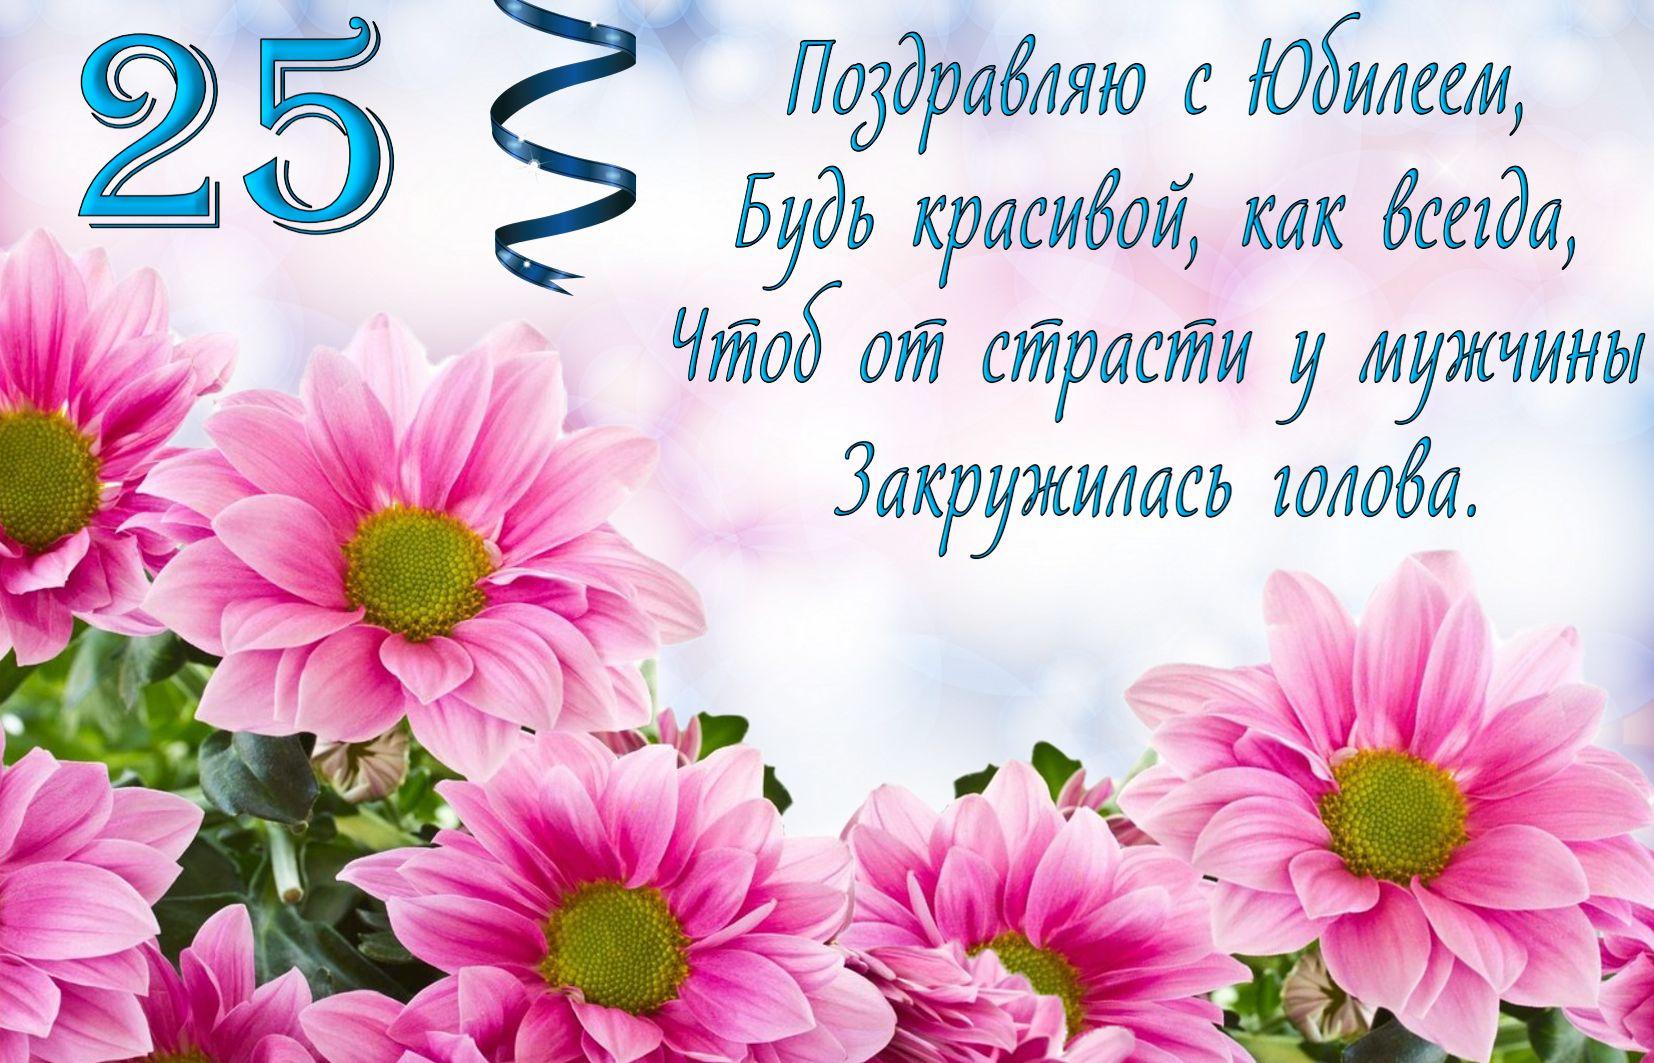 Открытка на 25 лет - пожелание и красивые цветы к юбилею